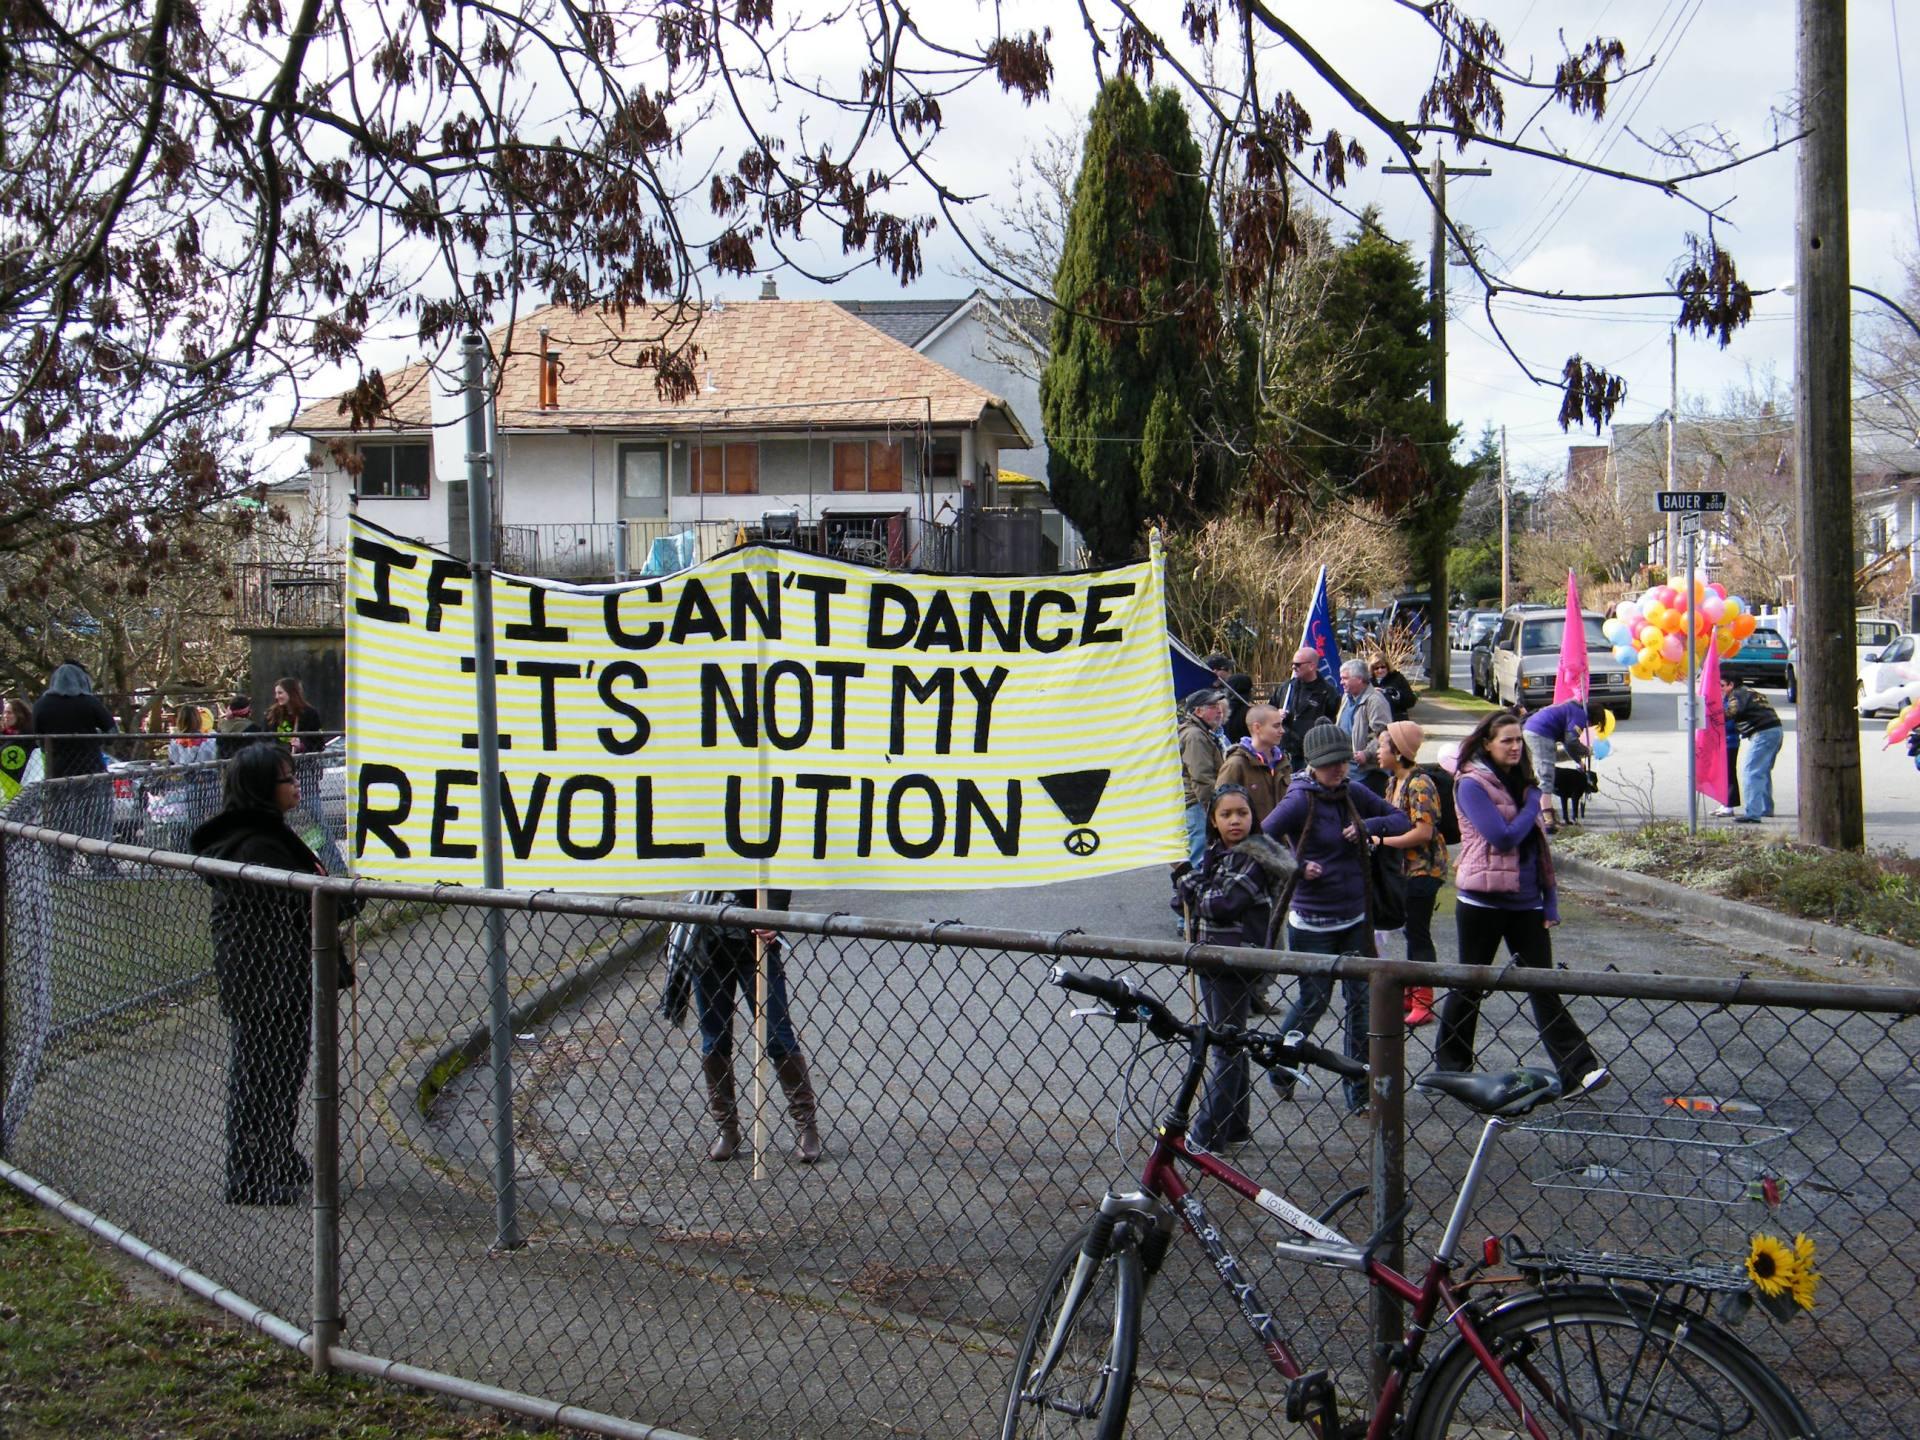 ifIcantdanceitsnotmyrevolution